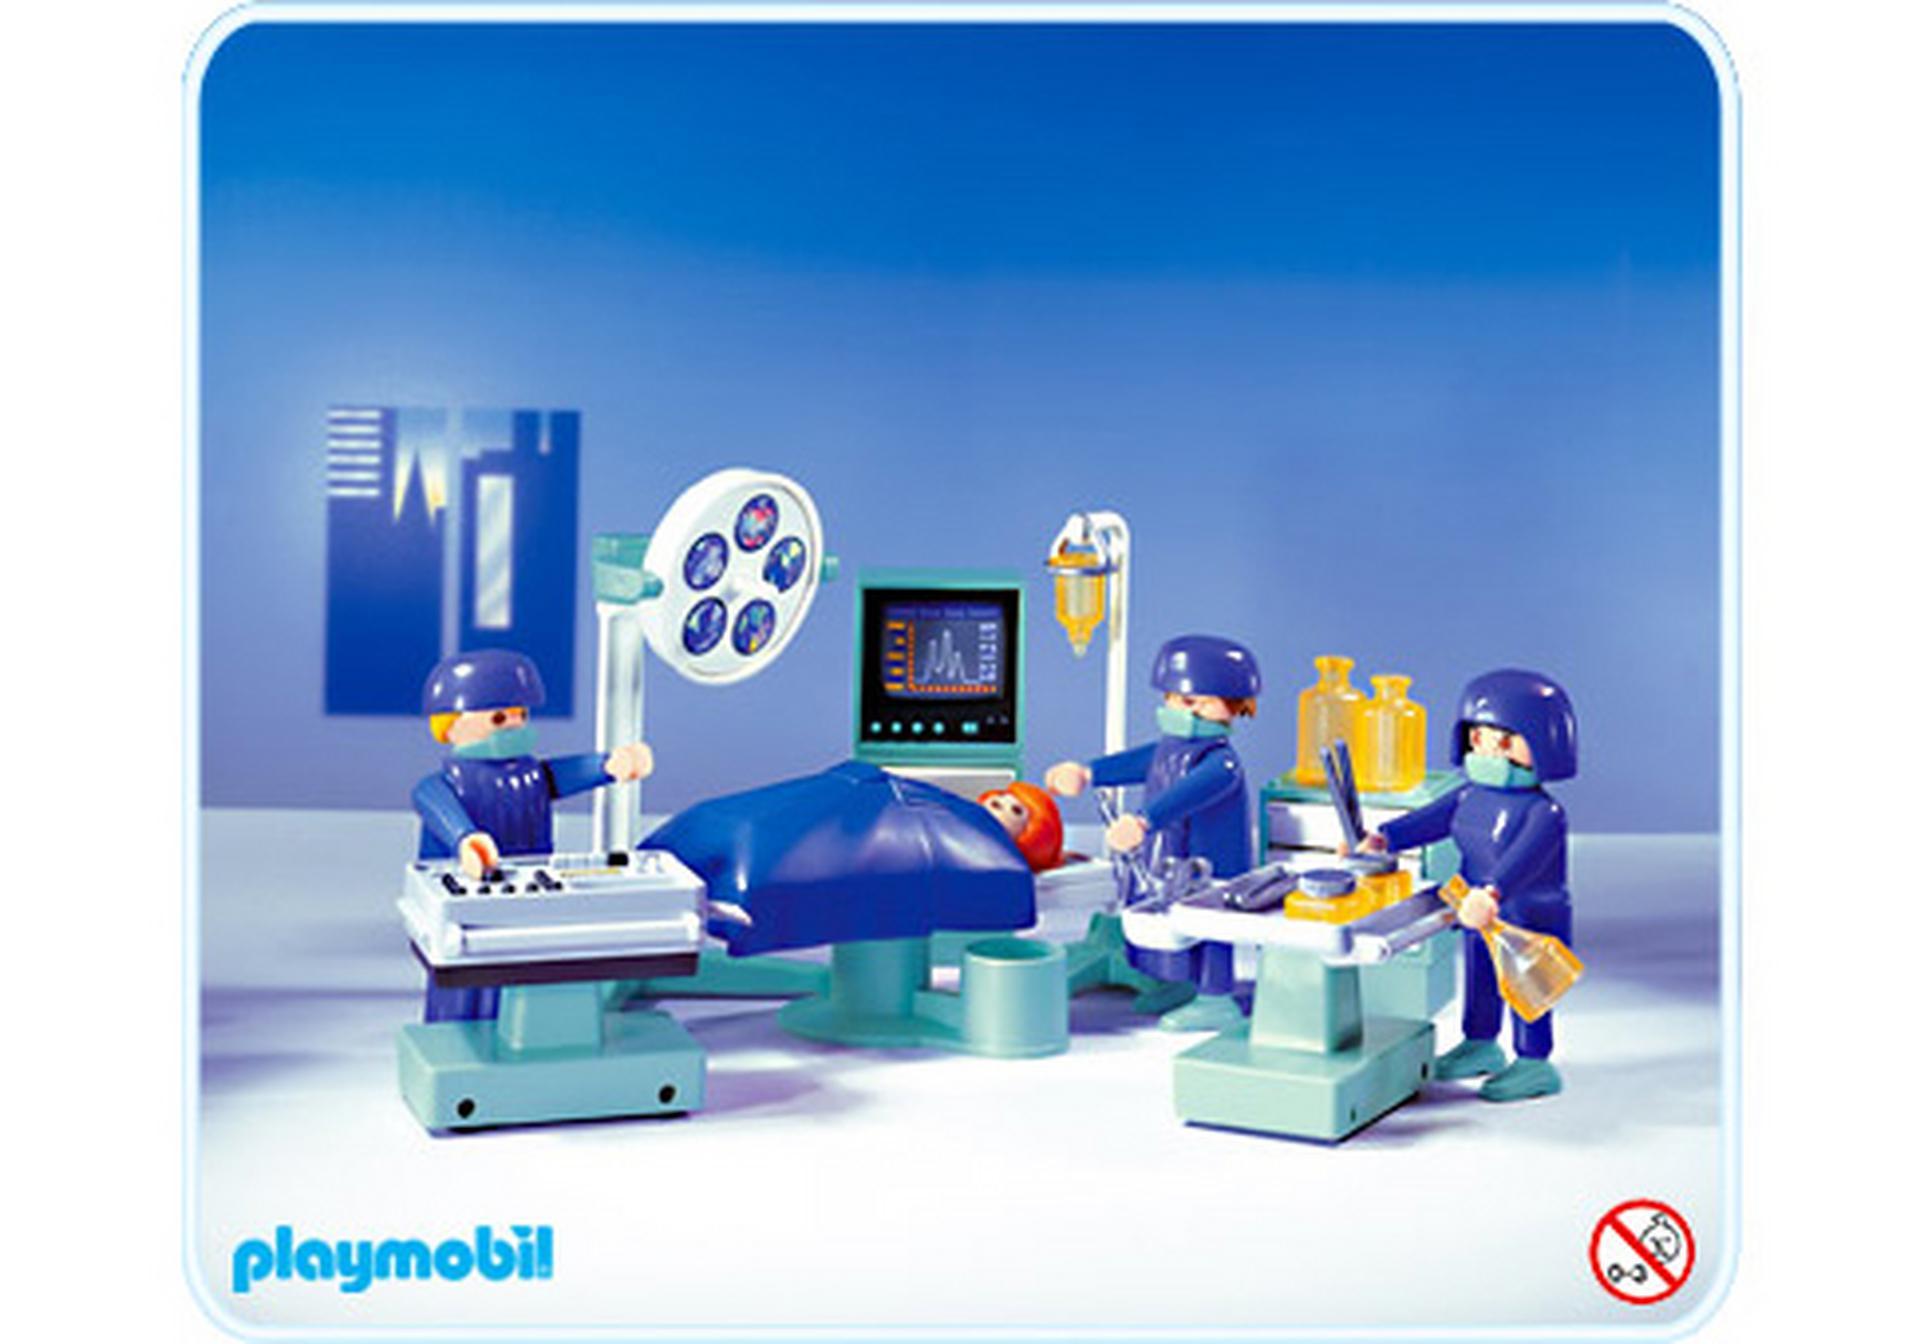 Operationssaal 3981 a playmobil schweiz for Jugendzimmer playmobil